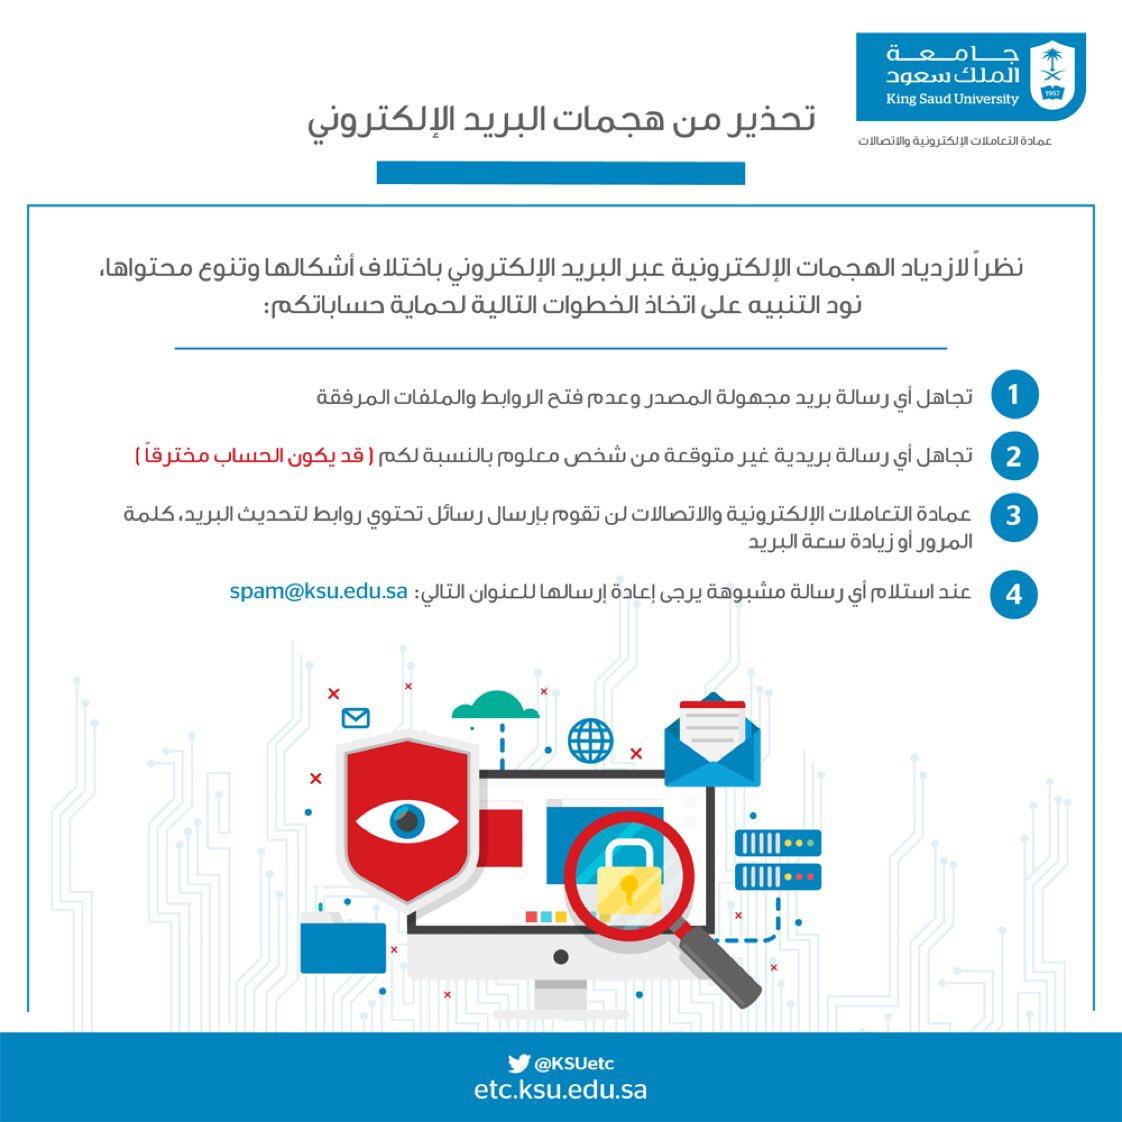 جامعة الملك سعود On Twitter